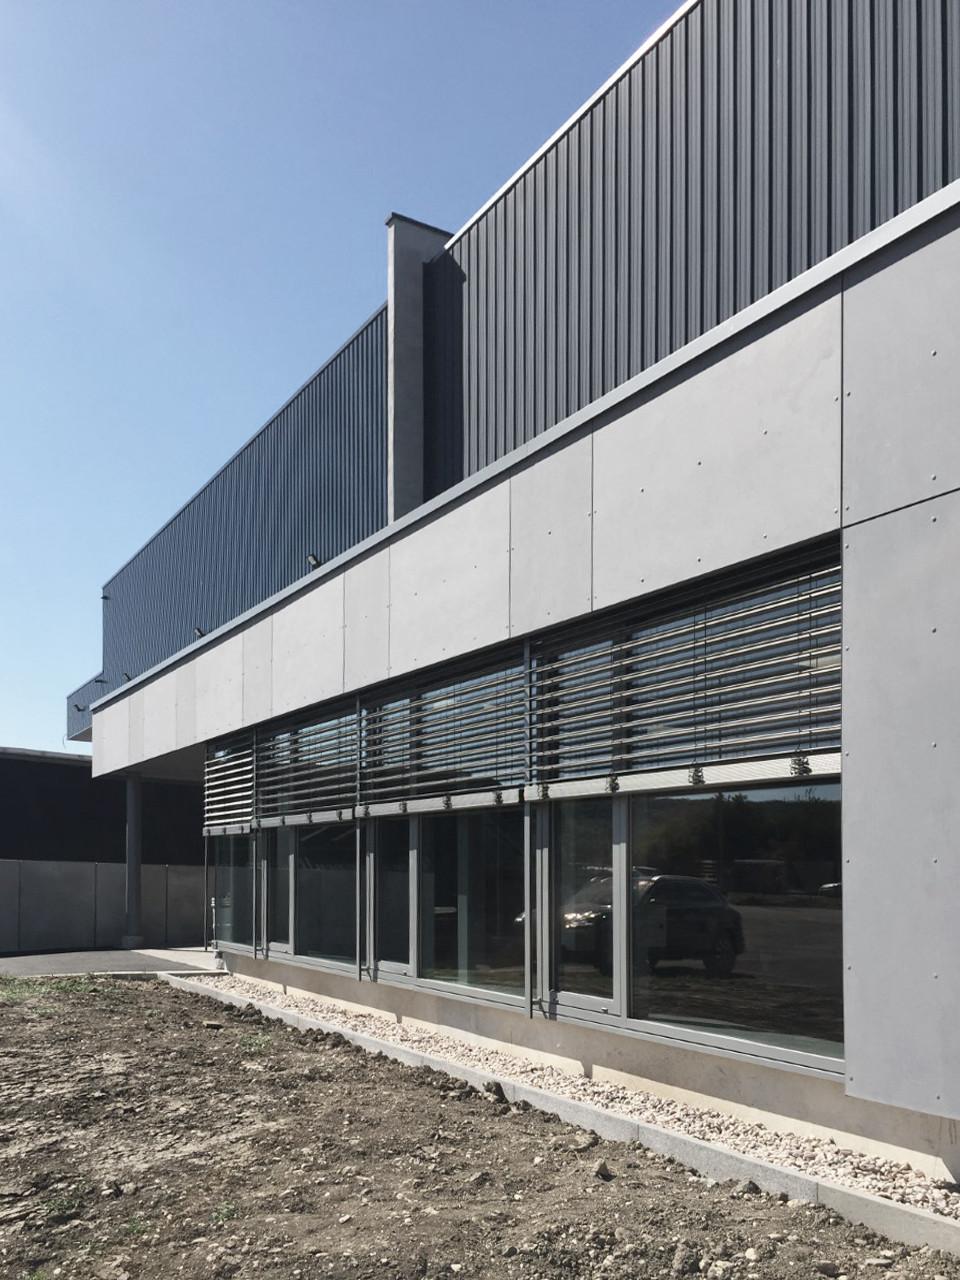 EXTENSION D'UN BATIMENT DE LOGISTIQUE   Projet livré   Champigneulles (54)   2019